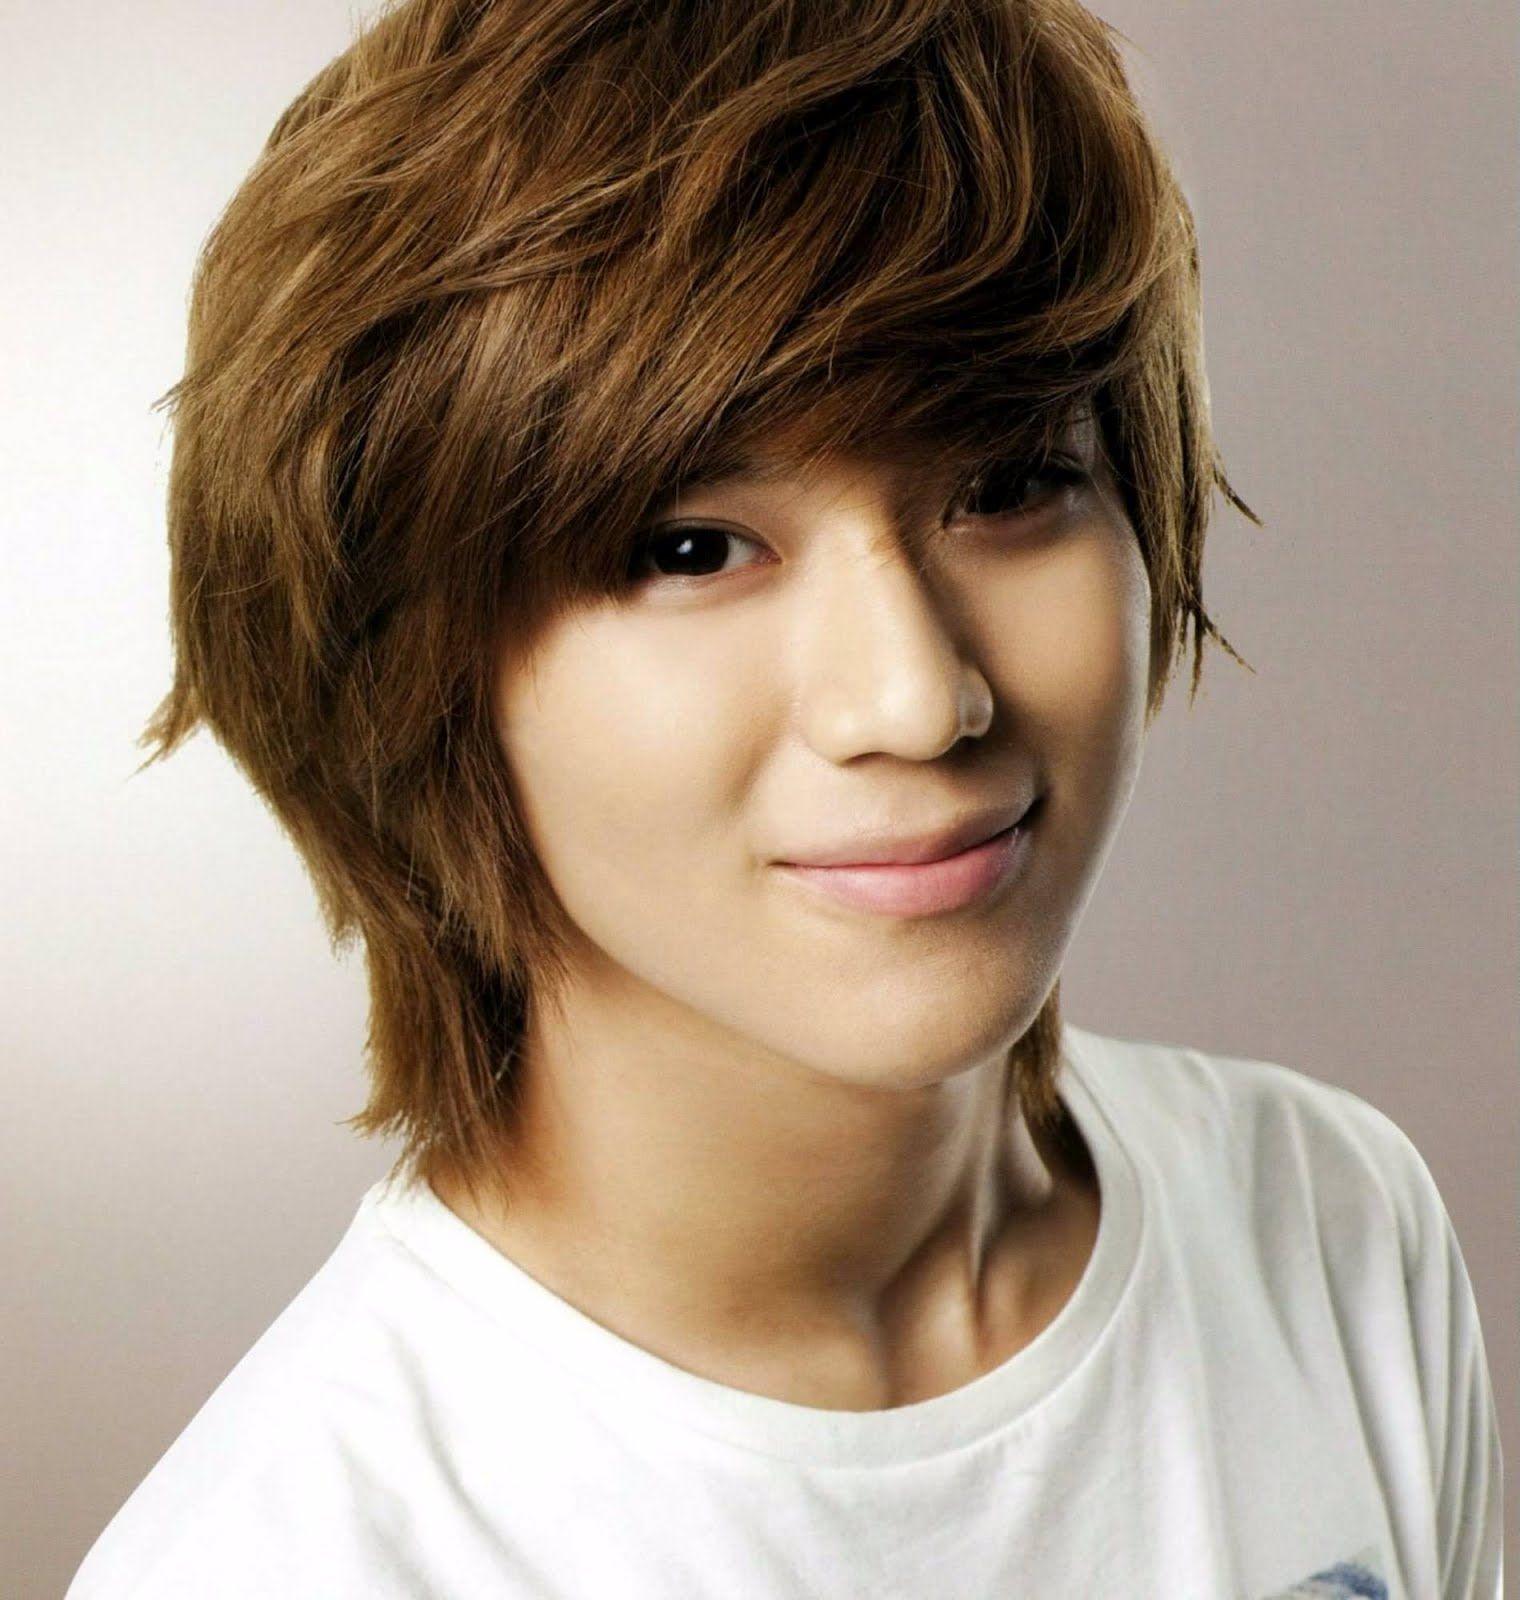 short perm korean hairstyles  fade haircut